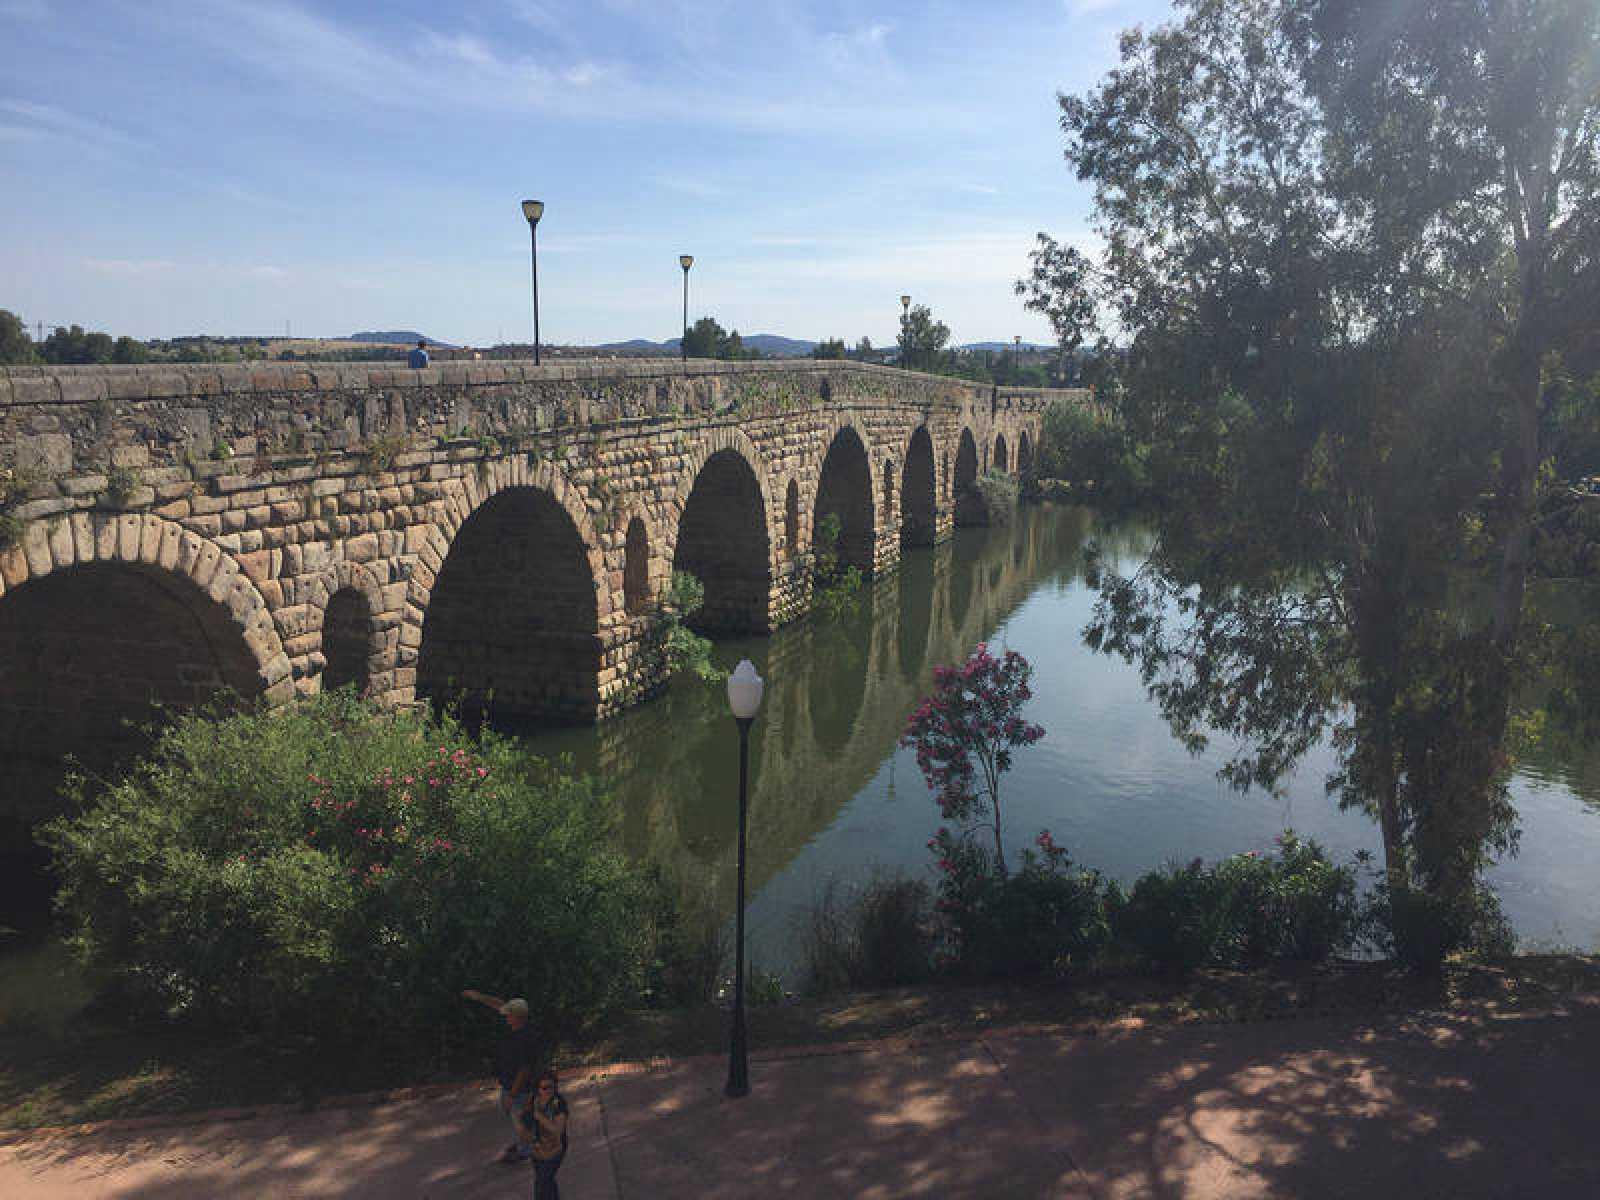 El puente romano de Mérida, más de 700 metros sobre las aguas del Guadiana